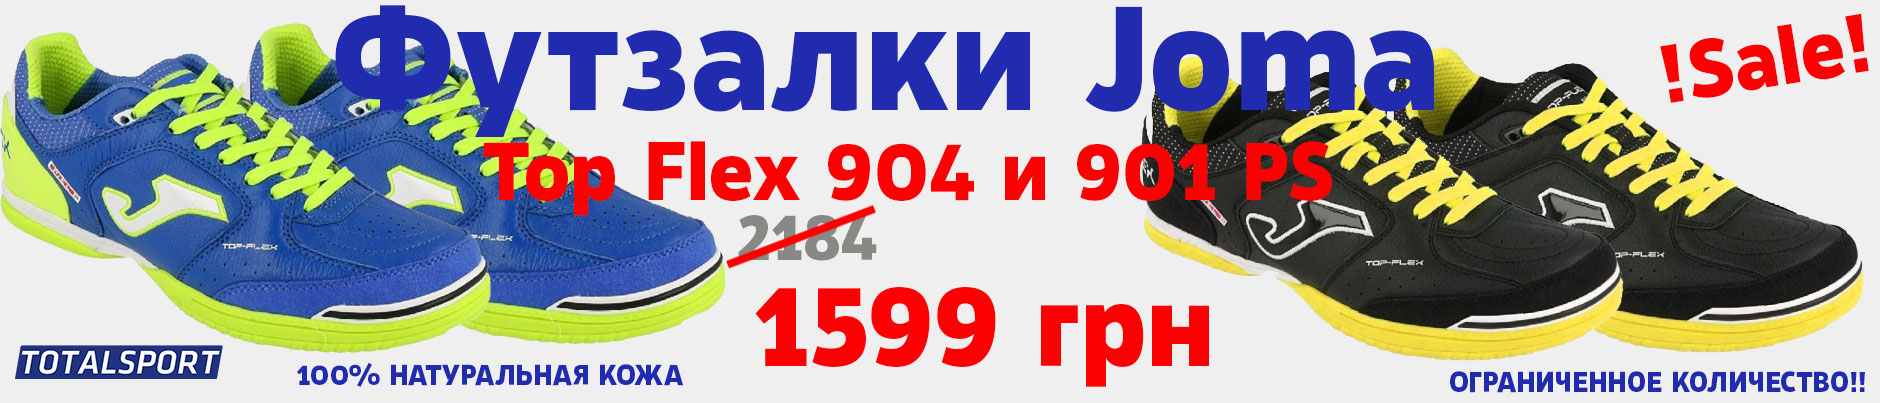 распродажа ФУТЗАЛКИ Joma